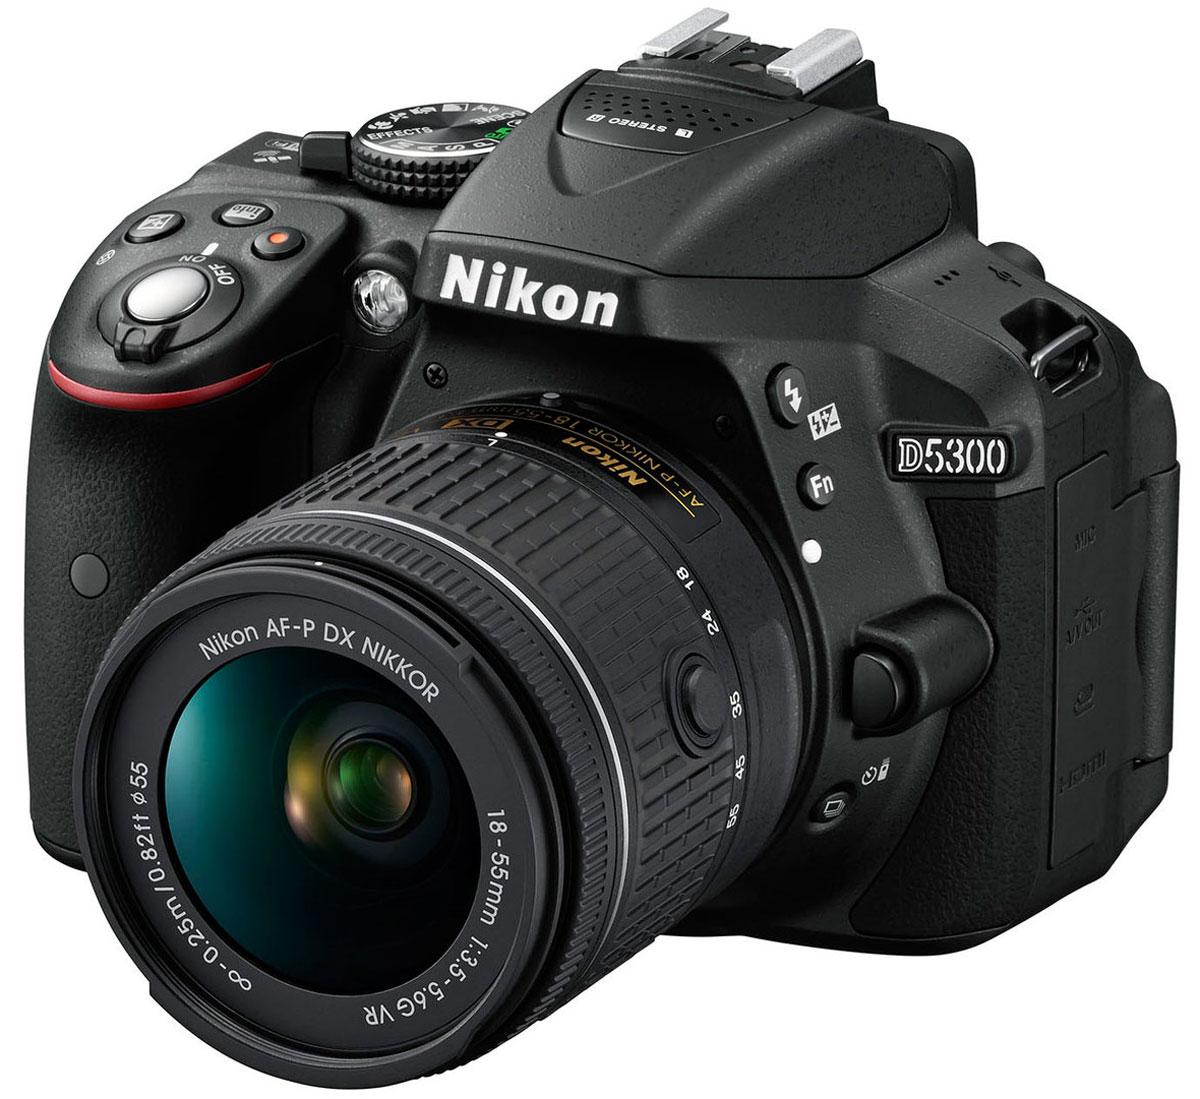 Nikon D5300 Kit 18-55 VR, Black цифровая зеркальная камераVBA370K00724,2-мегапиксельная фотокамера Nikon D5300 формата DX, оснащенная встроенными модулями Wi-Fi и GPS, позволяет создавать невероятно четкие изображения, отражающие уникальное видение фотографа, и обмениваться ими с другими.Великолепное качество изображения:Высокая чувствительность ISO (до 12 800 единиц ISO с возможностью расширения до эквивалента 25 600 единиц ISO) в сочетании с мощной системой обработки изображений EXPEED 4 от компании Nikon позволяют получать исключительно четкие фотографии и видеоролики при съемке в условиях недостаточного освещения. Удивительно точный 2016-пиксельный датчик RGB для замера экспозиции передает данные системе распознавания сюжетов, которая автоматически задает оптимальную экспозицию, автофокусировку и баланс белого для получения снимков высочайшего качества. Мимолетные движения, изменяющиеся выражения лиц - все эти мгновения можно уловить благодаря высокой скорости работы в режиме непрерывной съемки (до 5 кадров в секунду). Безошибочную фокусировку в таких случаях обеспечивает интеллектуальная 39-точечная система АФ с девятью датчиками перекрестного типа, расположенными в центральной области кадра.24,2-мегапиксельная КМОП-матрица формата DX:24,2-мегапиксельная КМОП-матрица формата DX - это сердце фотокамеры D5300. Она обеспечивает максимально точную передачу цветов на изображениях и превосходную детализацию. В конструкции этой инновационной матрицы не используется оптический низкочастотный фильтр (OLPF), что позволяет максимально эффективно использовать каждый мегапиксель, чтобы наиболее точно отобразить именно ту картинку, которую «видит» объектив. Благодаря этому обеспечивается идеальная передача текстур с мельчайшими деталями, таких как волосы или перья, а изображения получаются невероятно четкими при использовании объективов NIKKOR.Новая перспектива:Универсальная фотокамера Nikon D5300 оснащена всеми необходимыми функциями, с помощью которых можно создавать интер